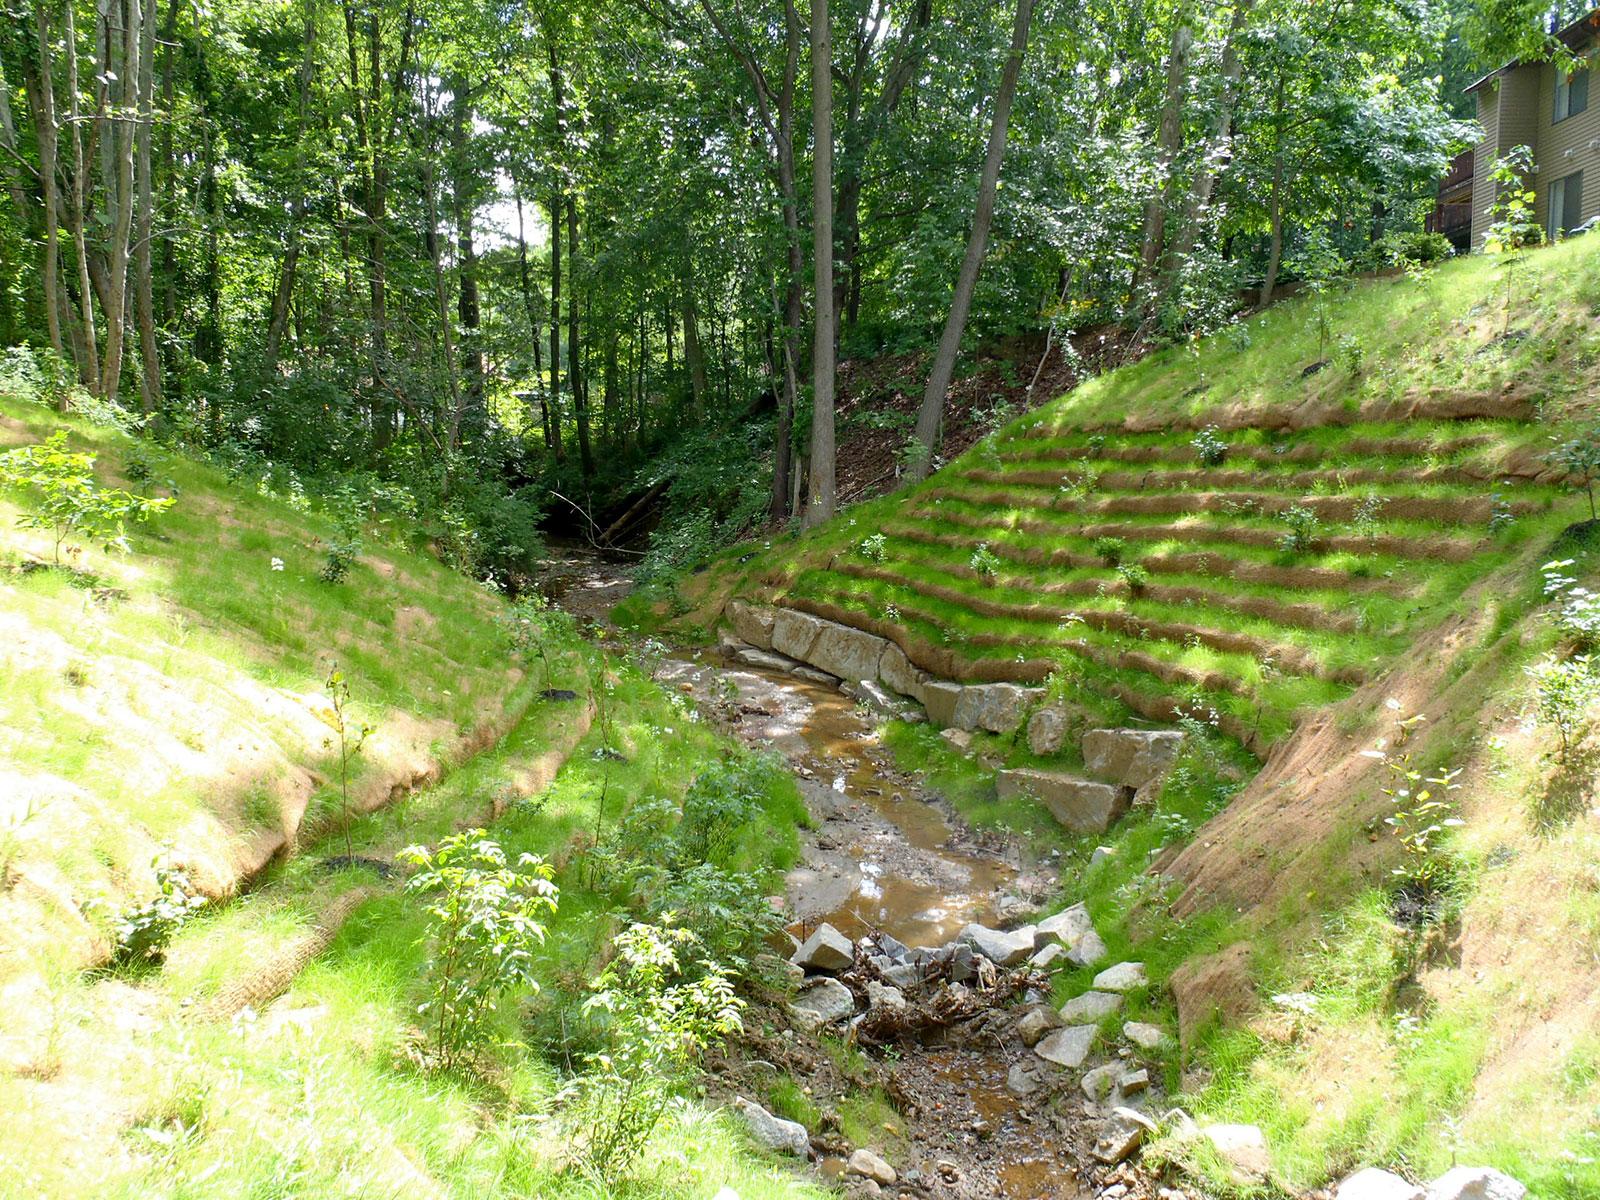 Pennsauken Creek